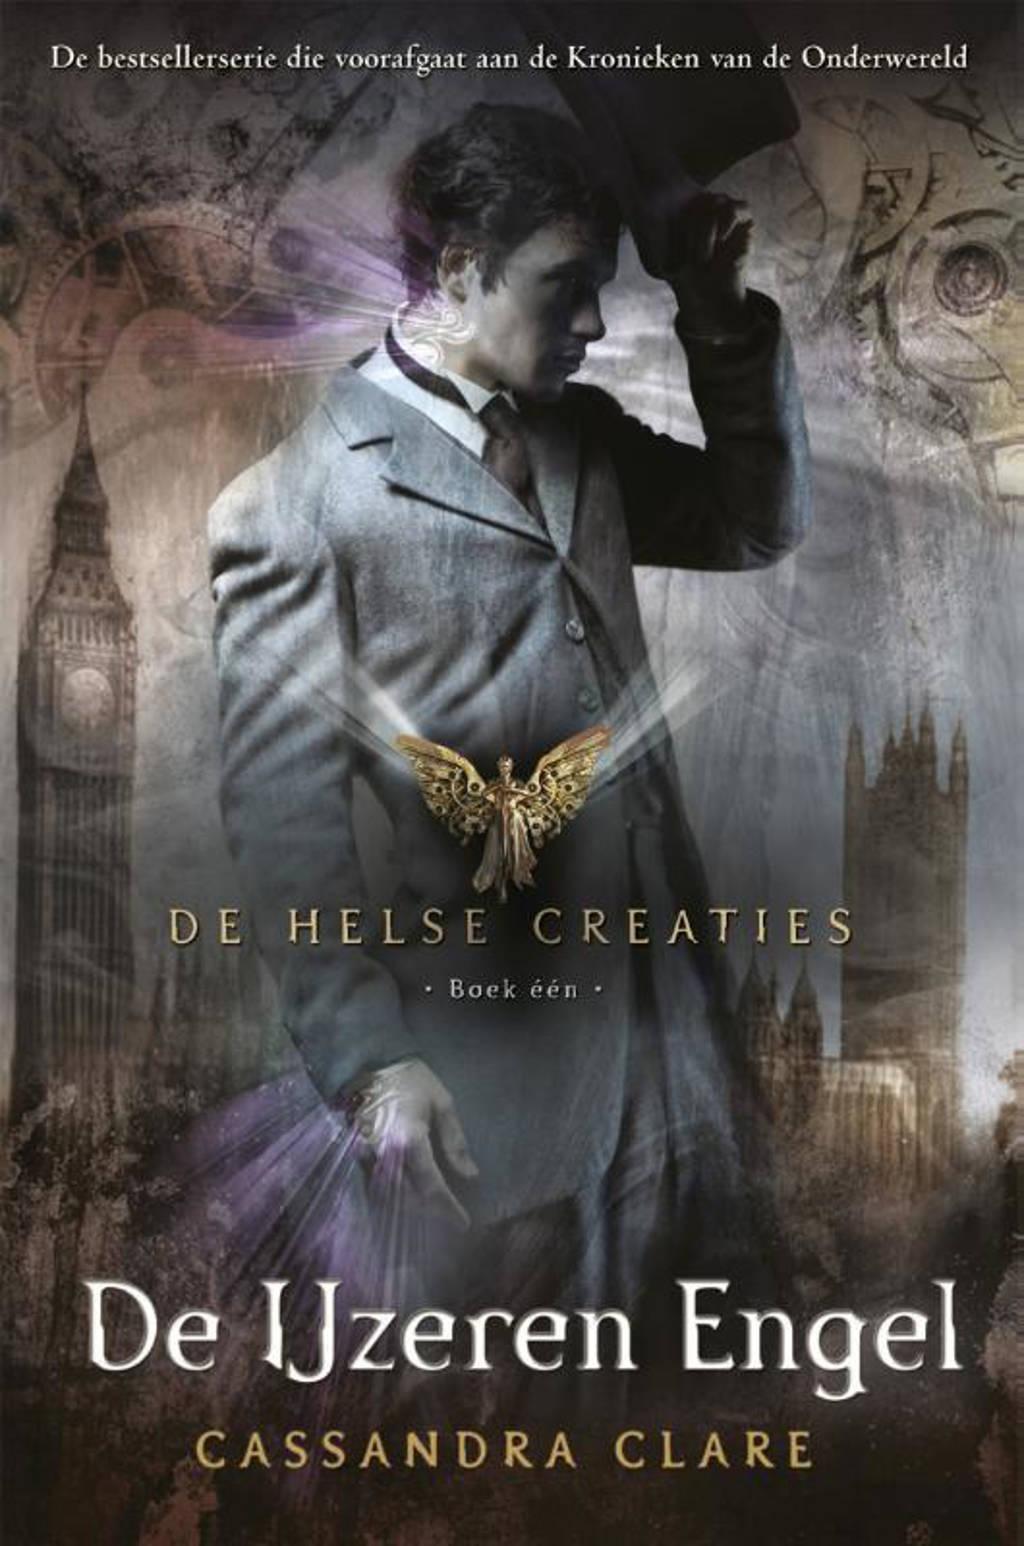 De Helse Creaties 1: De IJzeren Engel - Cassandra Clare en